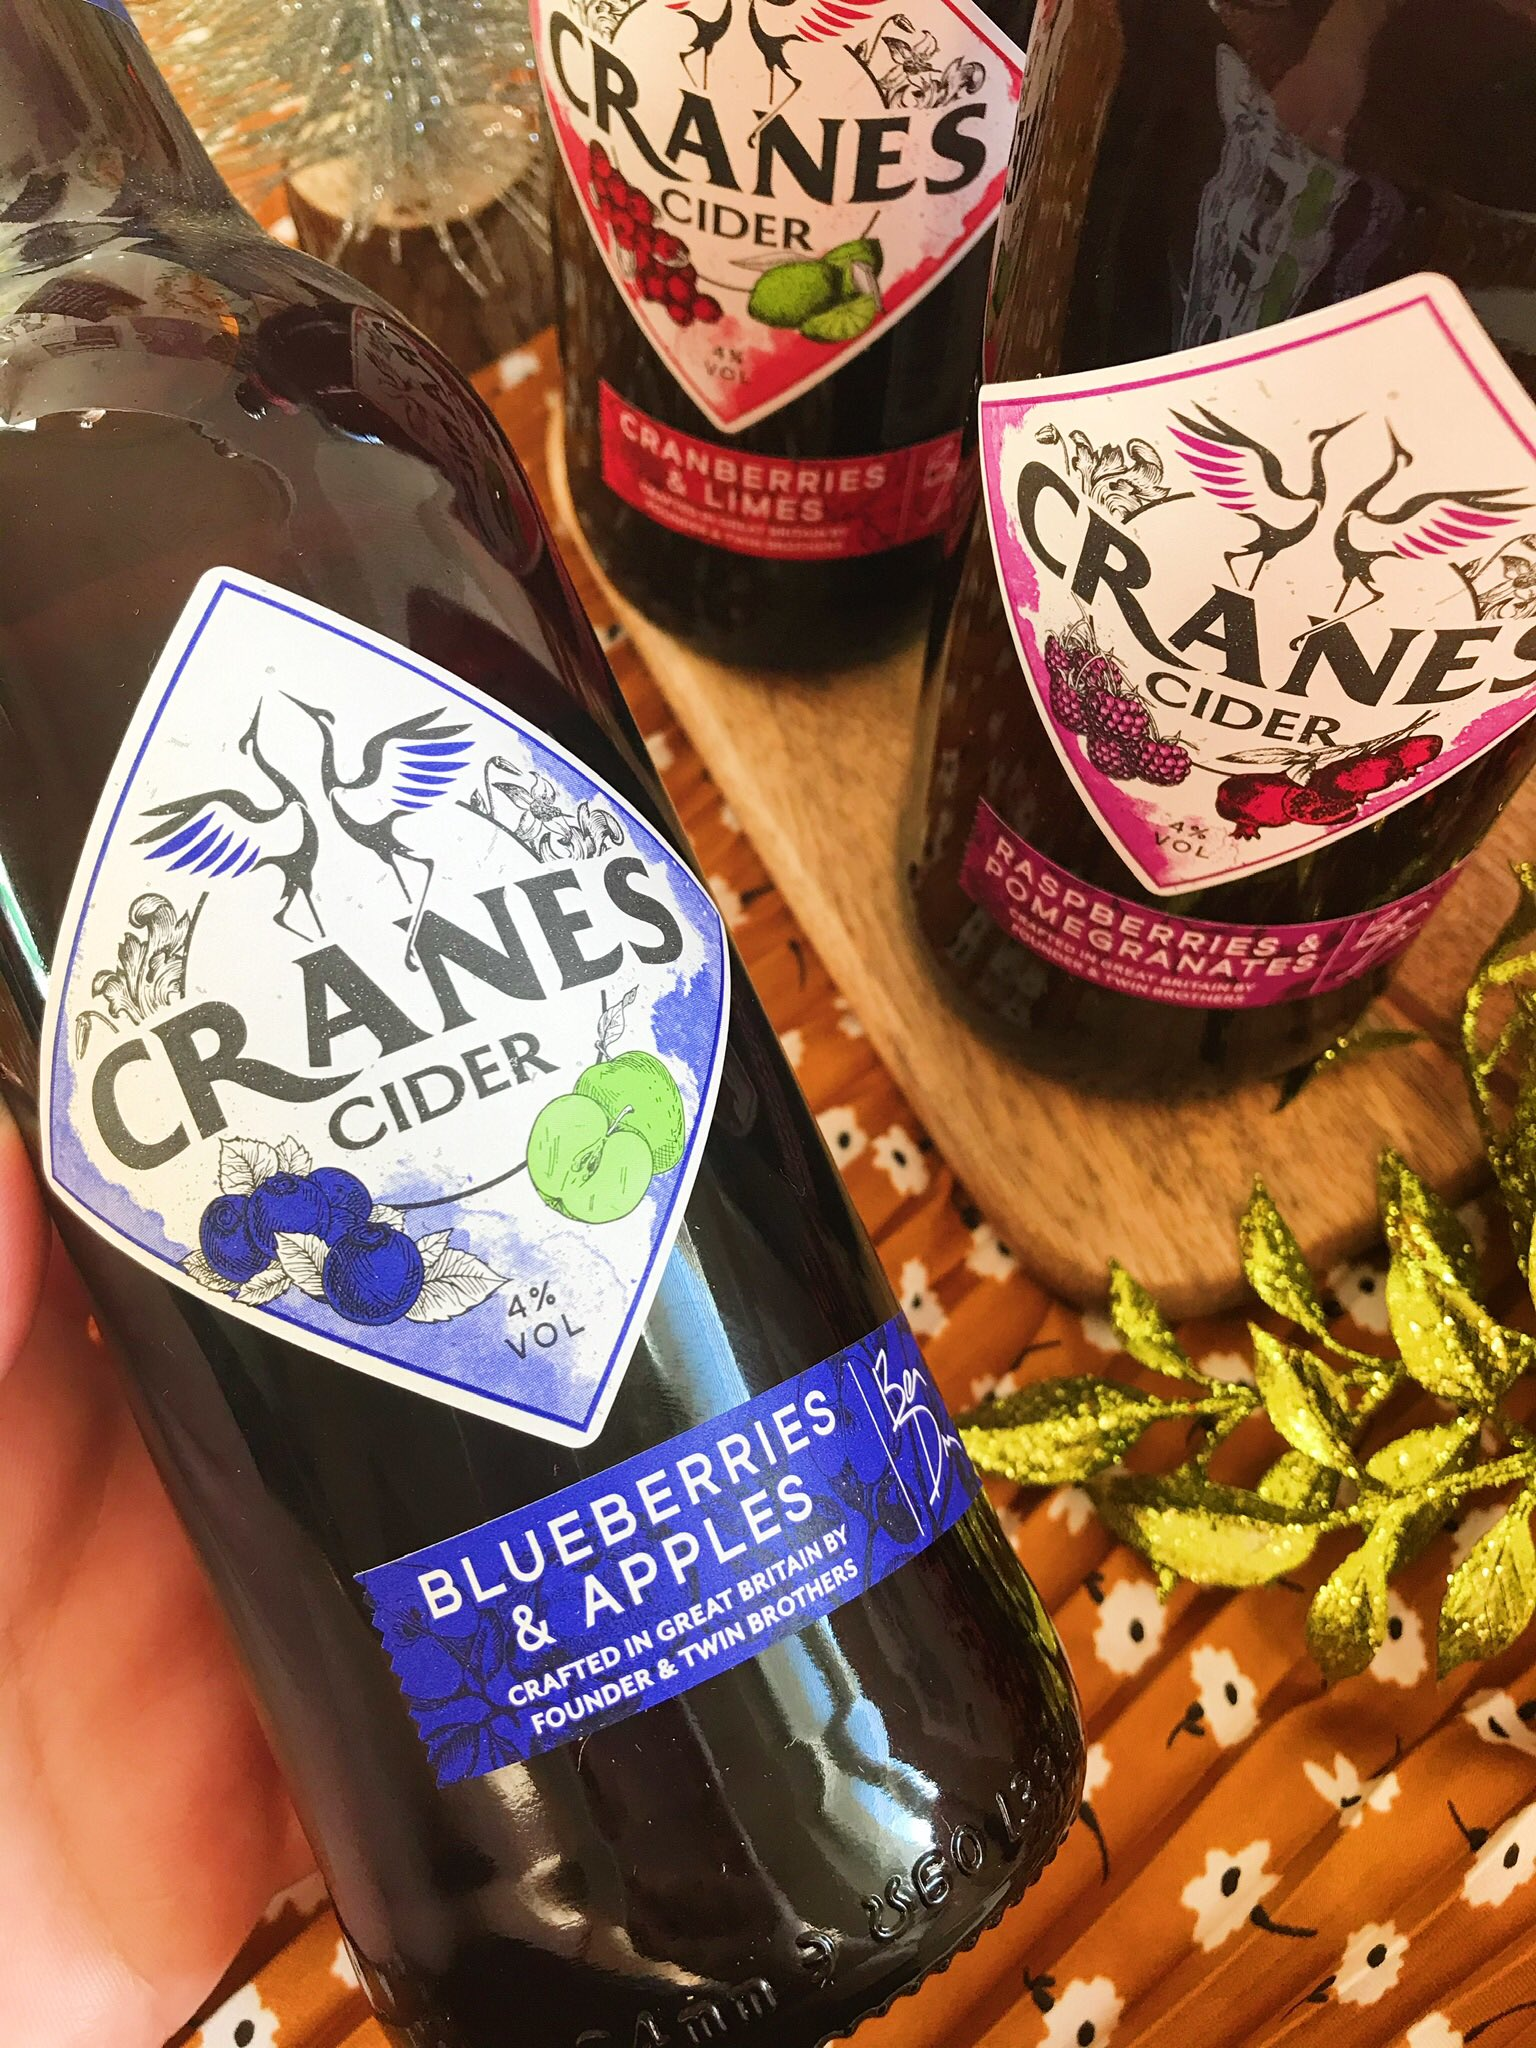 Cranes Cider bottle held up